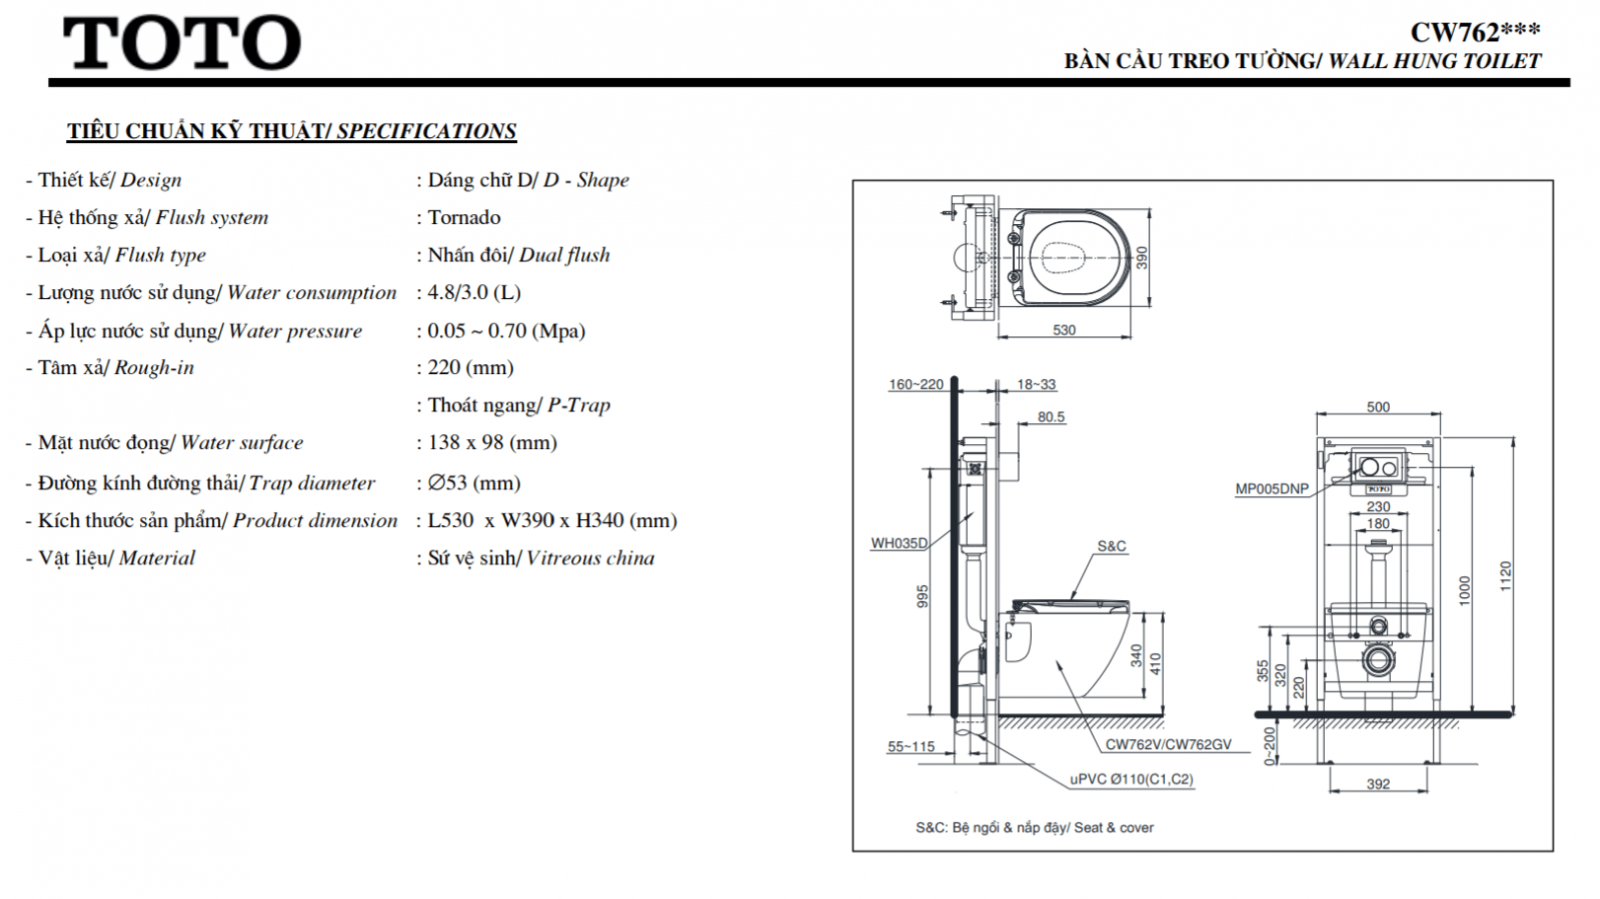 Thông số kĩ thuật bồn cầu treo tường toto CW762